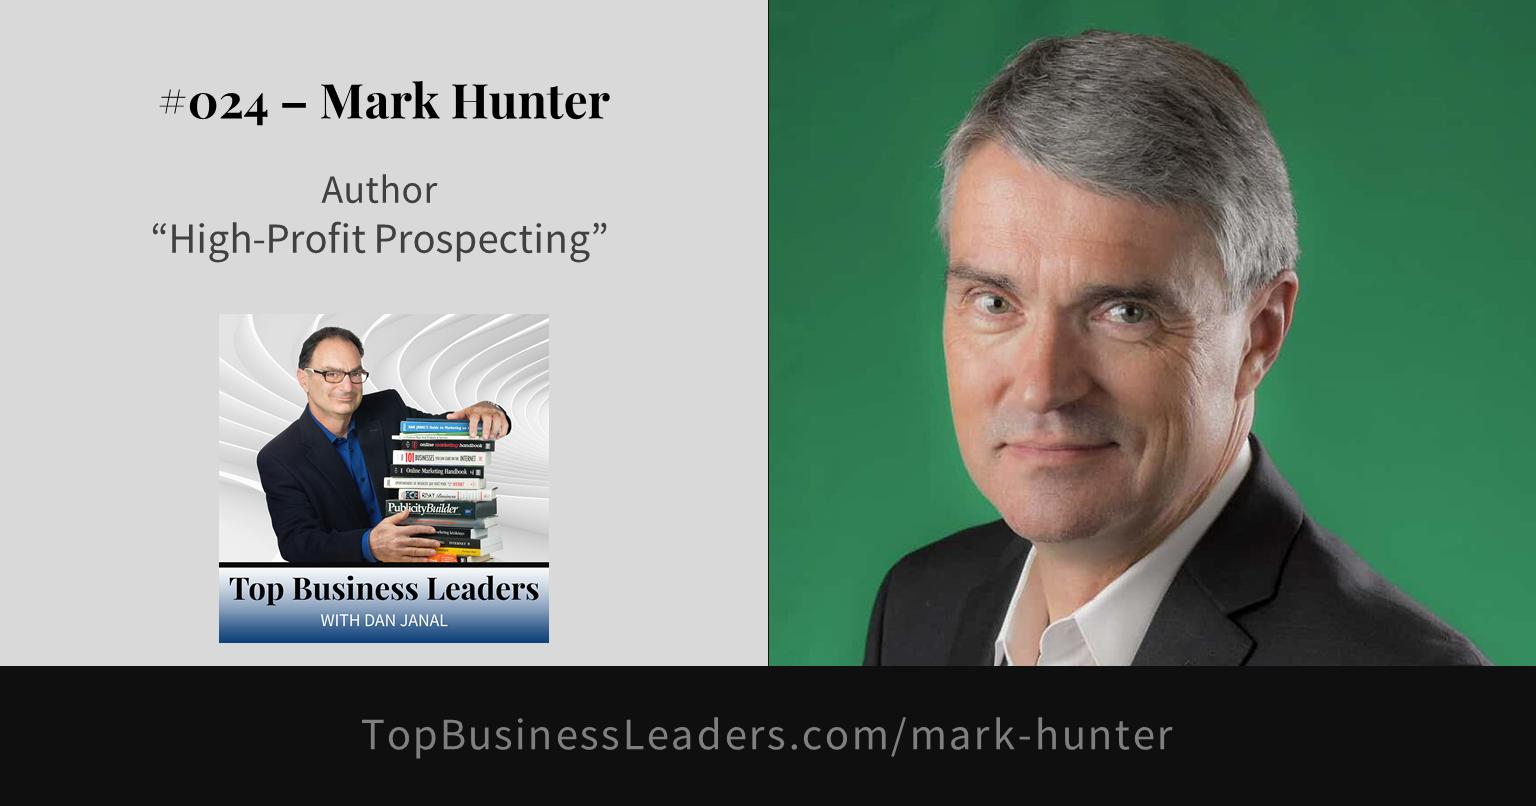 mark-hunter-author-high-profit-prospecting